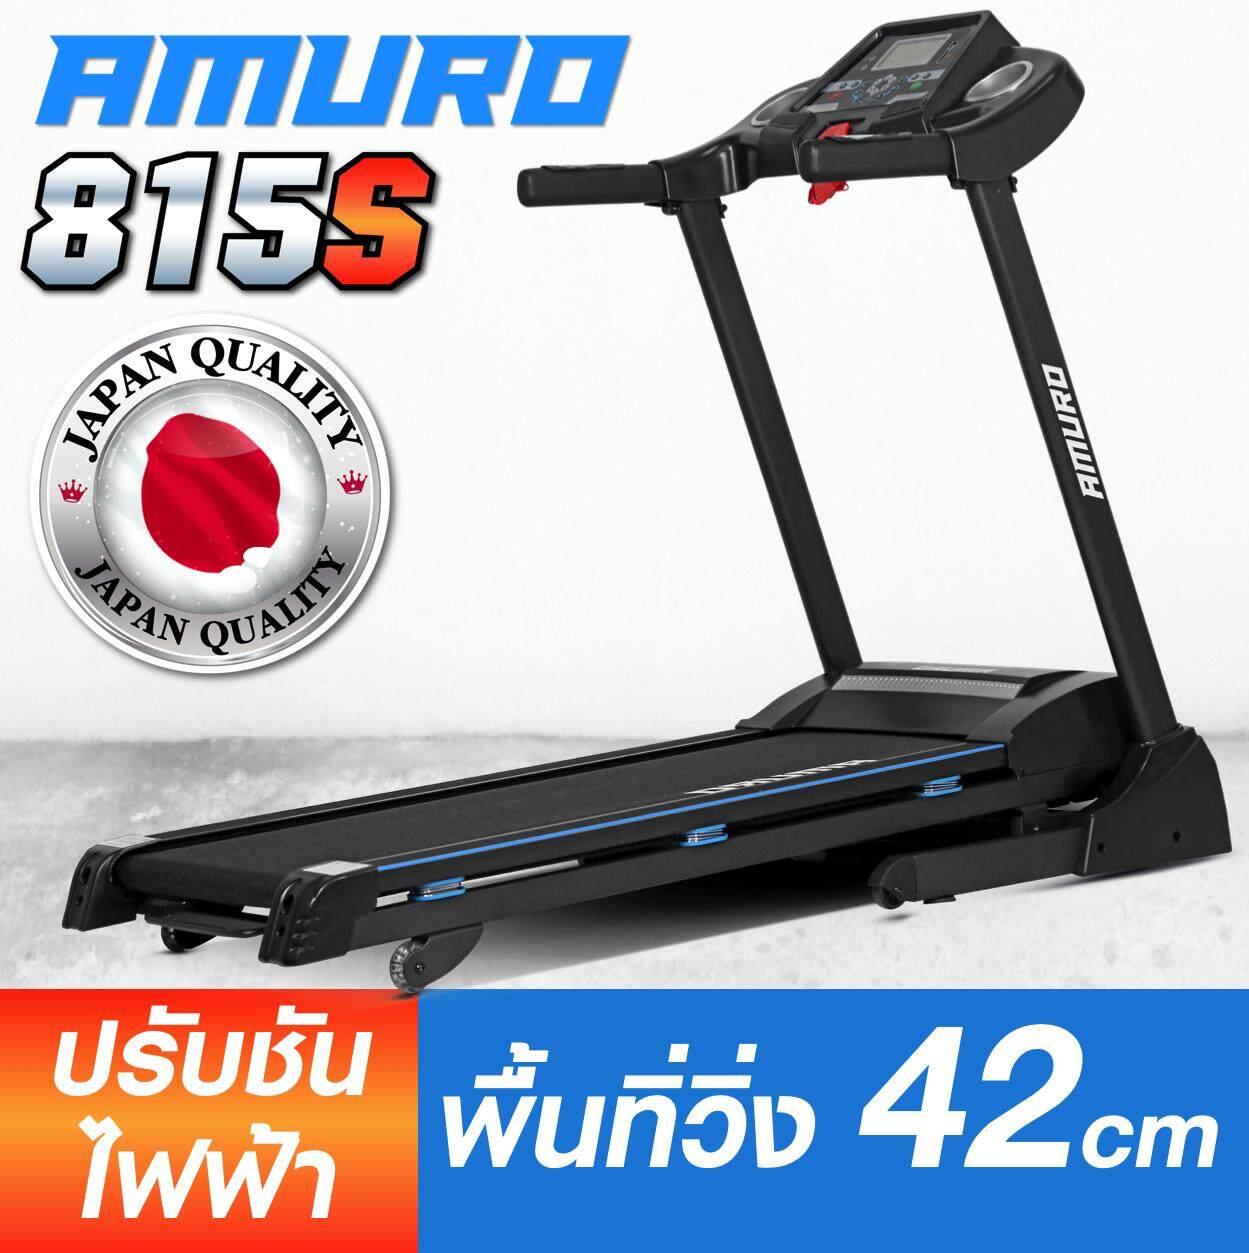 ขายดีมาก! AMURO ลู่วิ่งไฟฟ้า 2.5 แรงม้า AUTO ปรับไฟฟ้า 15 ระดับ พับเก็บได้ ประหยัดพื้นที่ พร้อมตัวซับแรงกระแทก 6 จุด JAPAN Quality (รุ่น 815S)